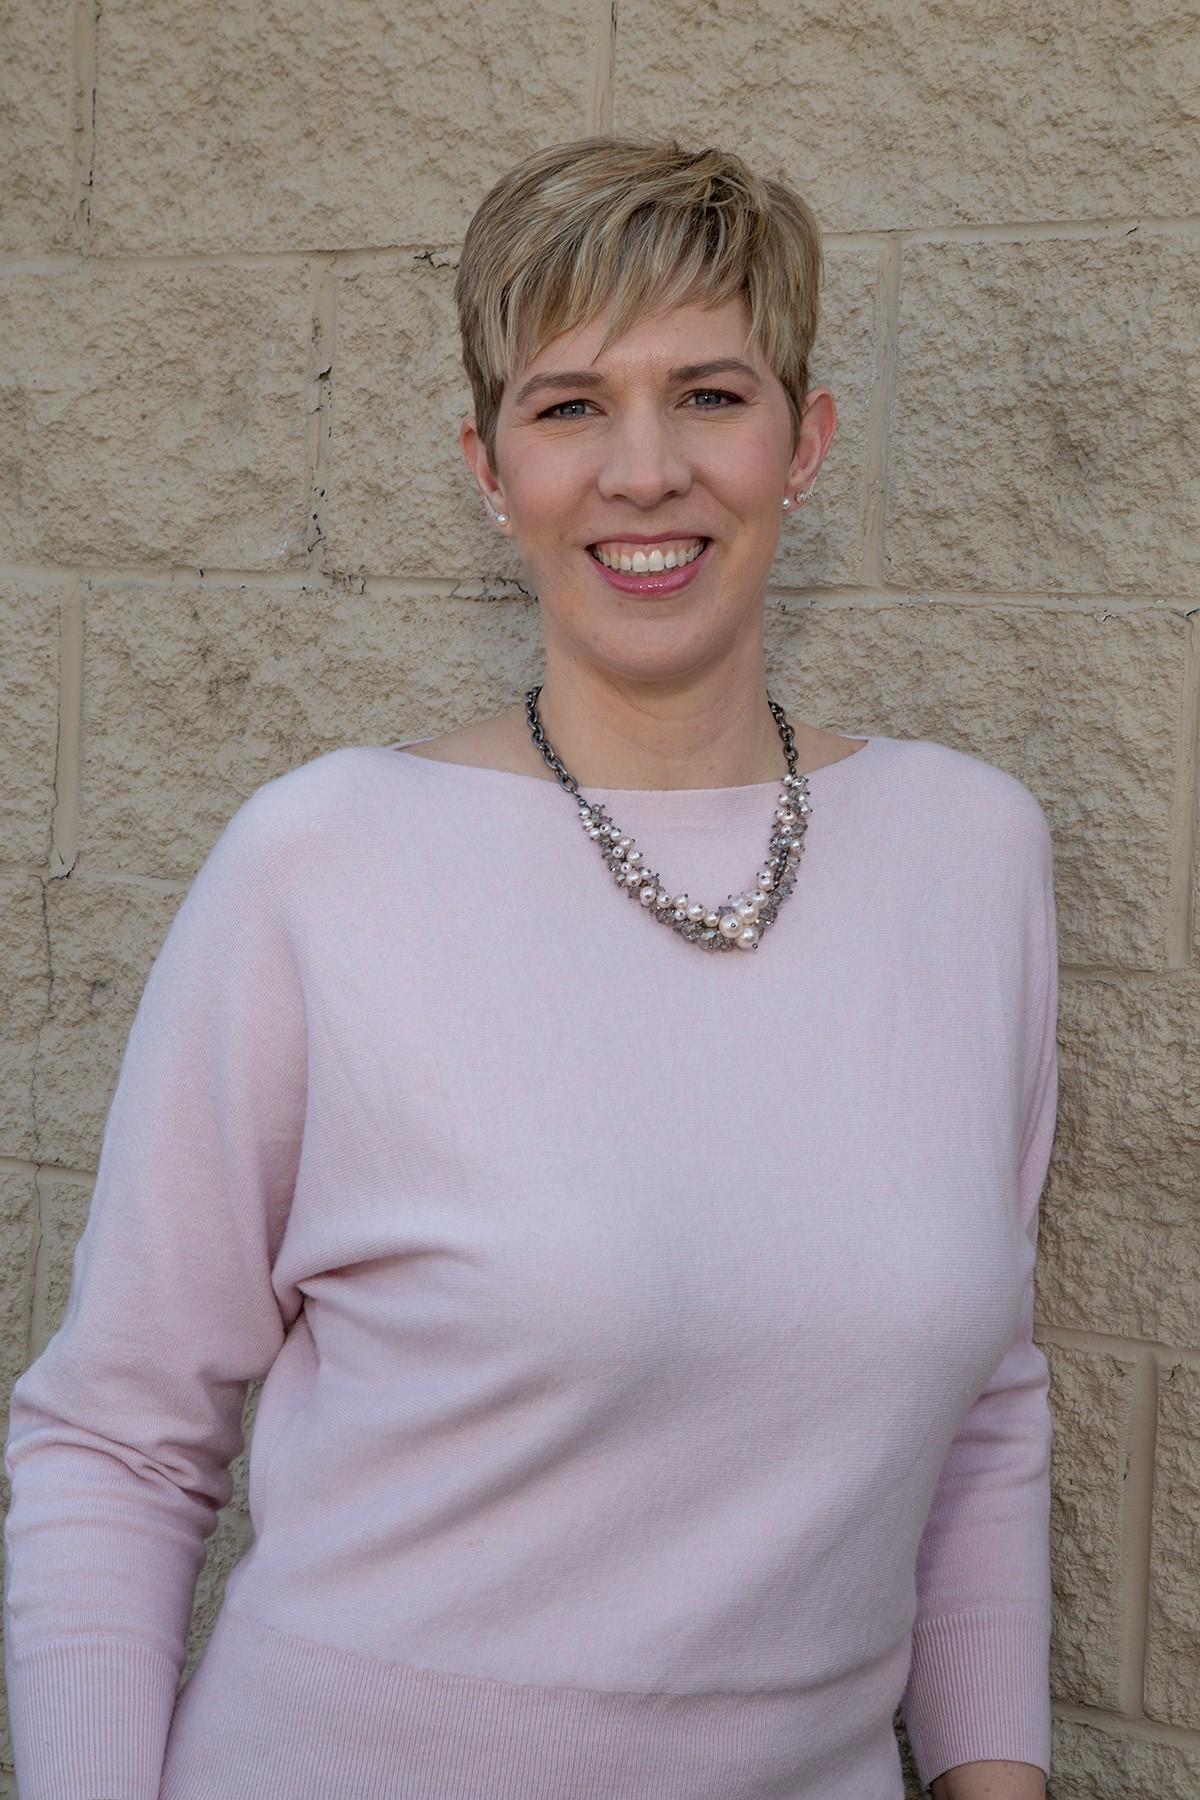 Dr. Majelle Susler